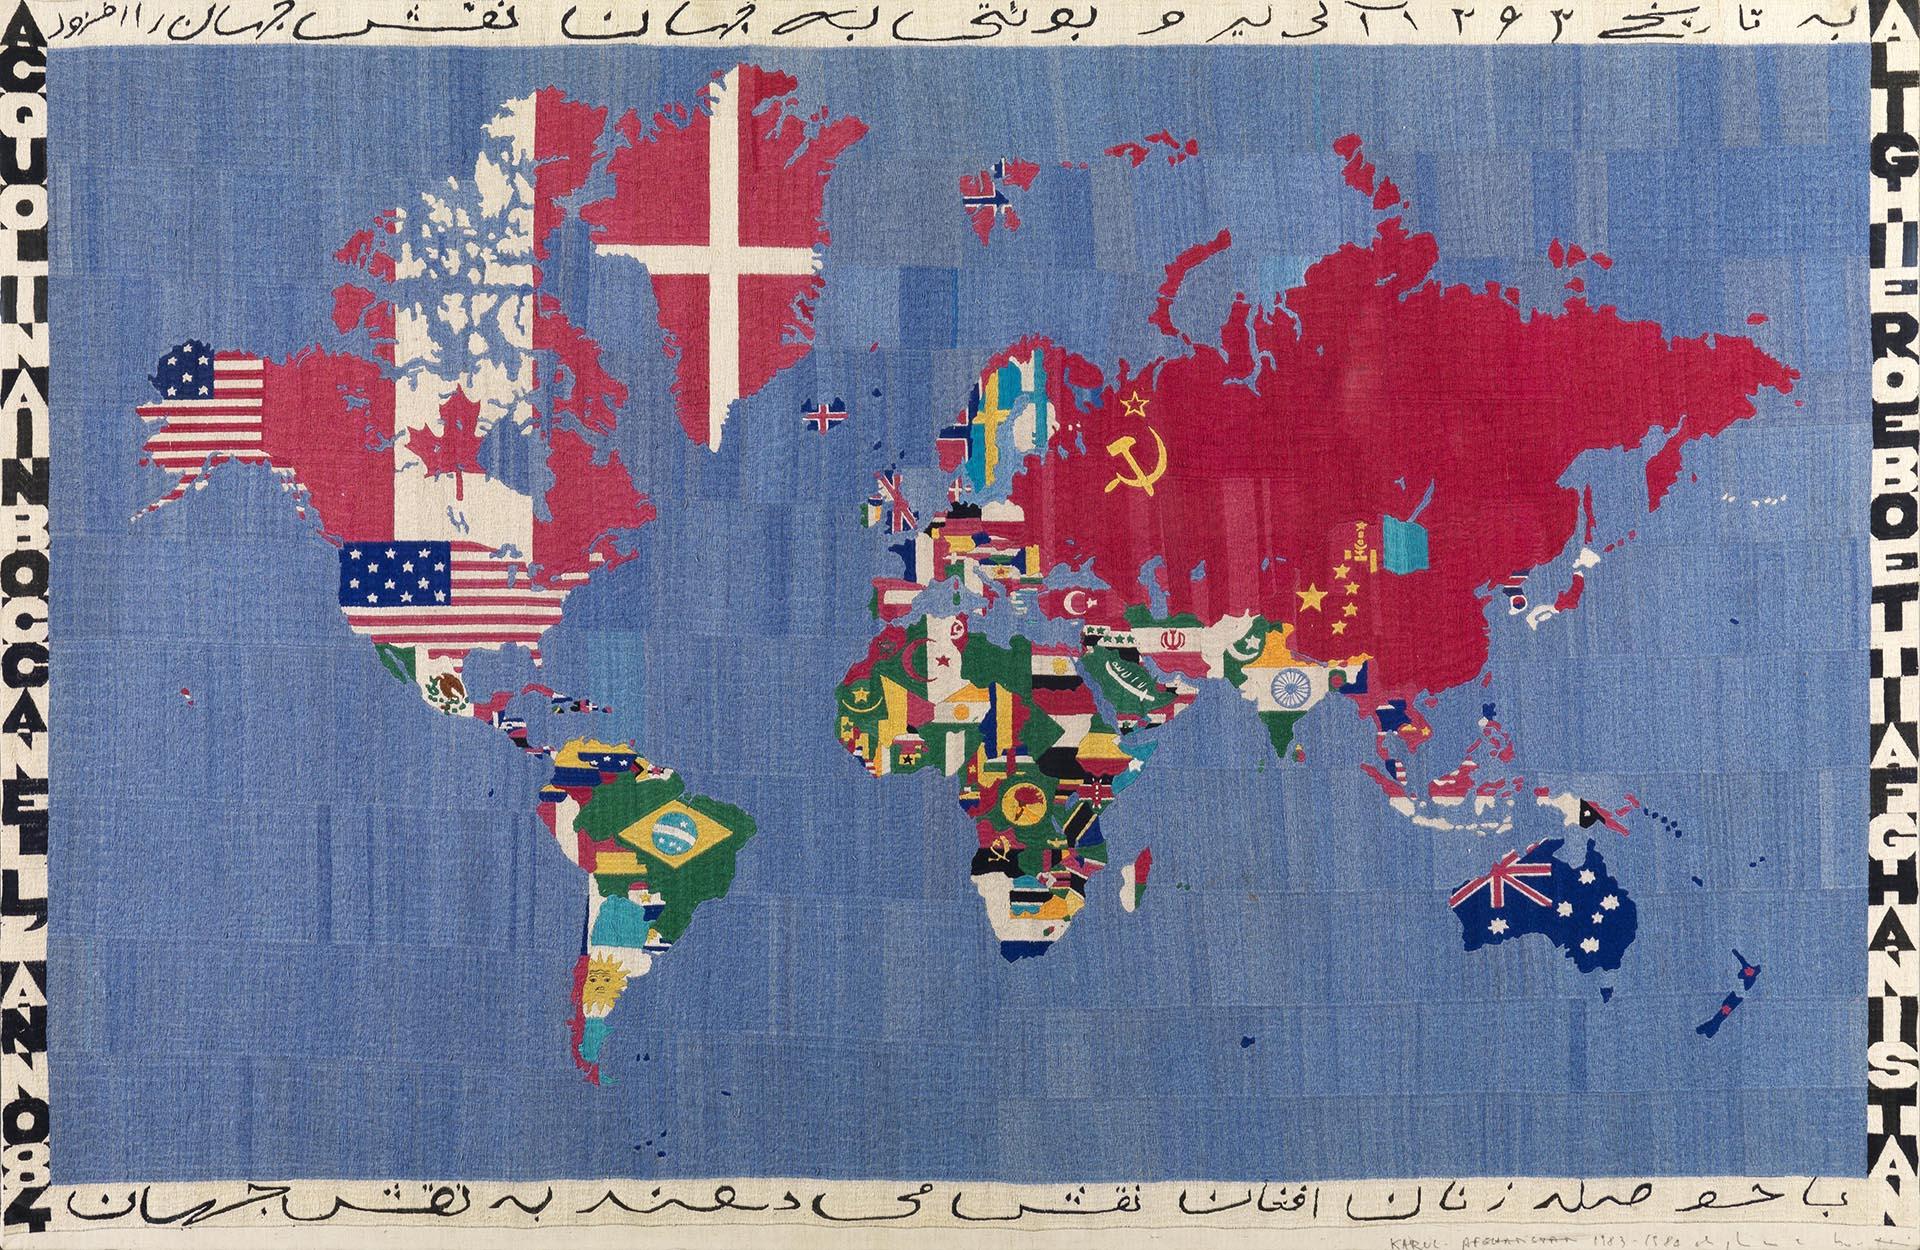 Boetti, Mappa, 1983-84, 116x178 cm